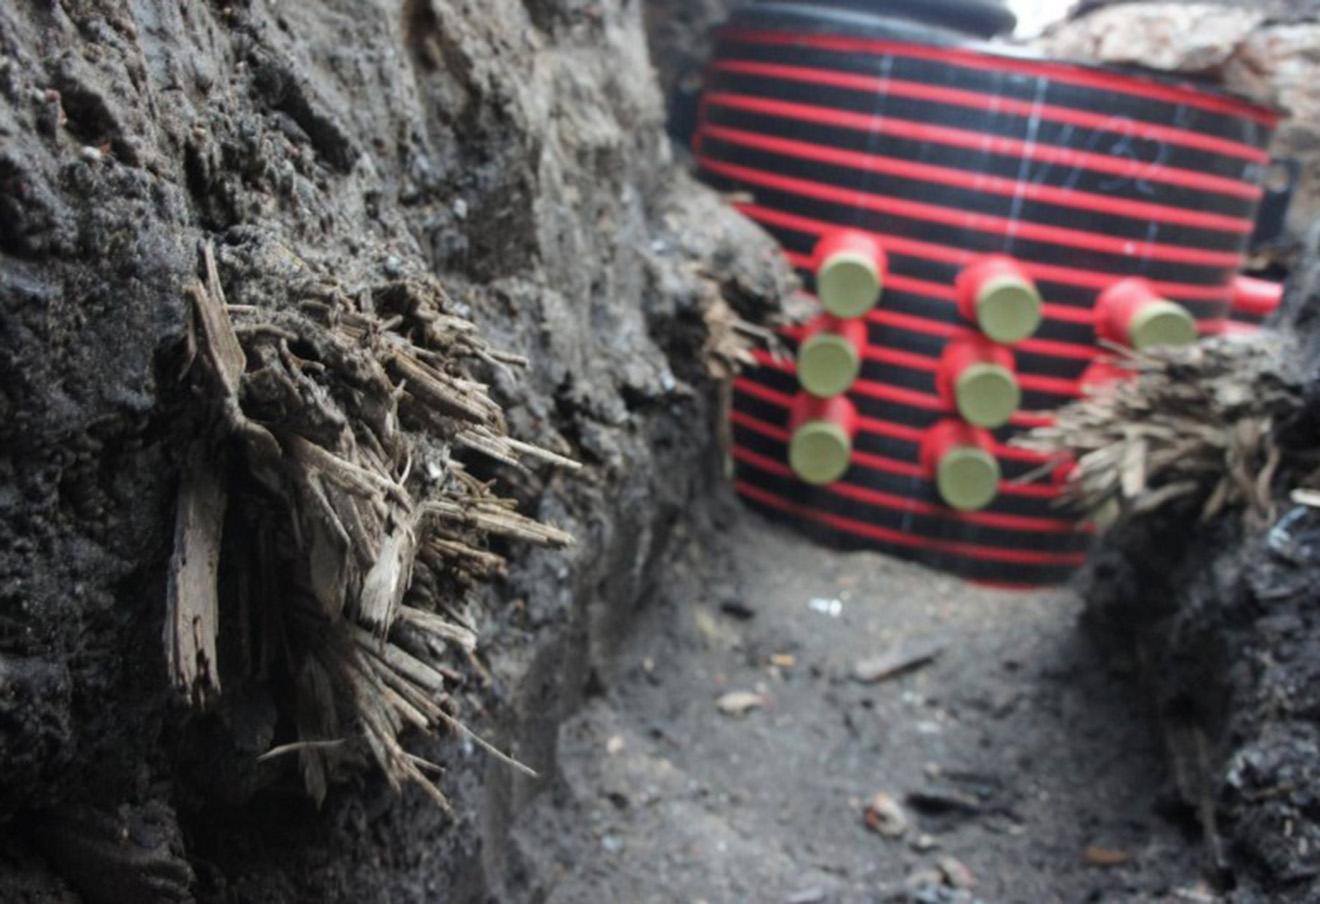 Поврежденная часть древней деревянной мостовой, найденная в результате ремонтных работ на Тверской улице в Москве.